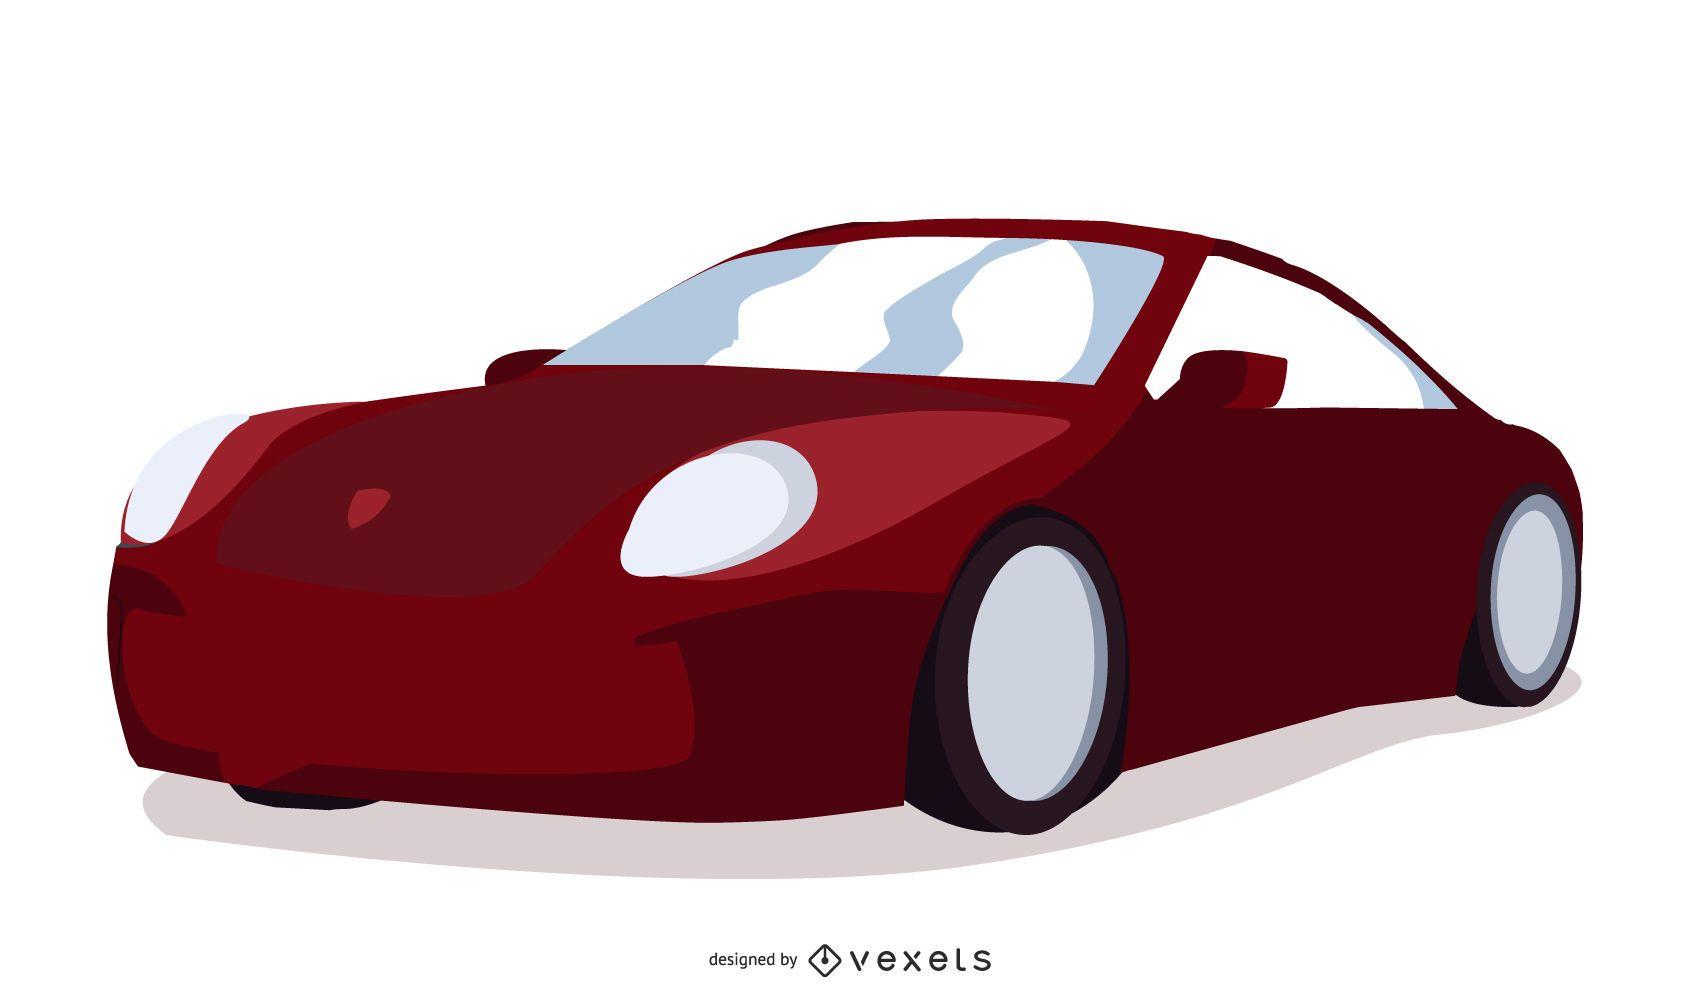 Porshe car vector